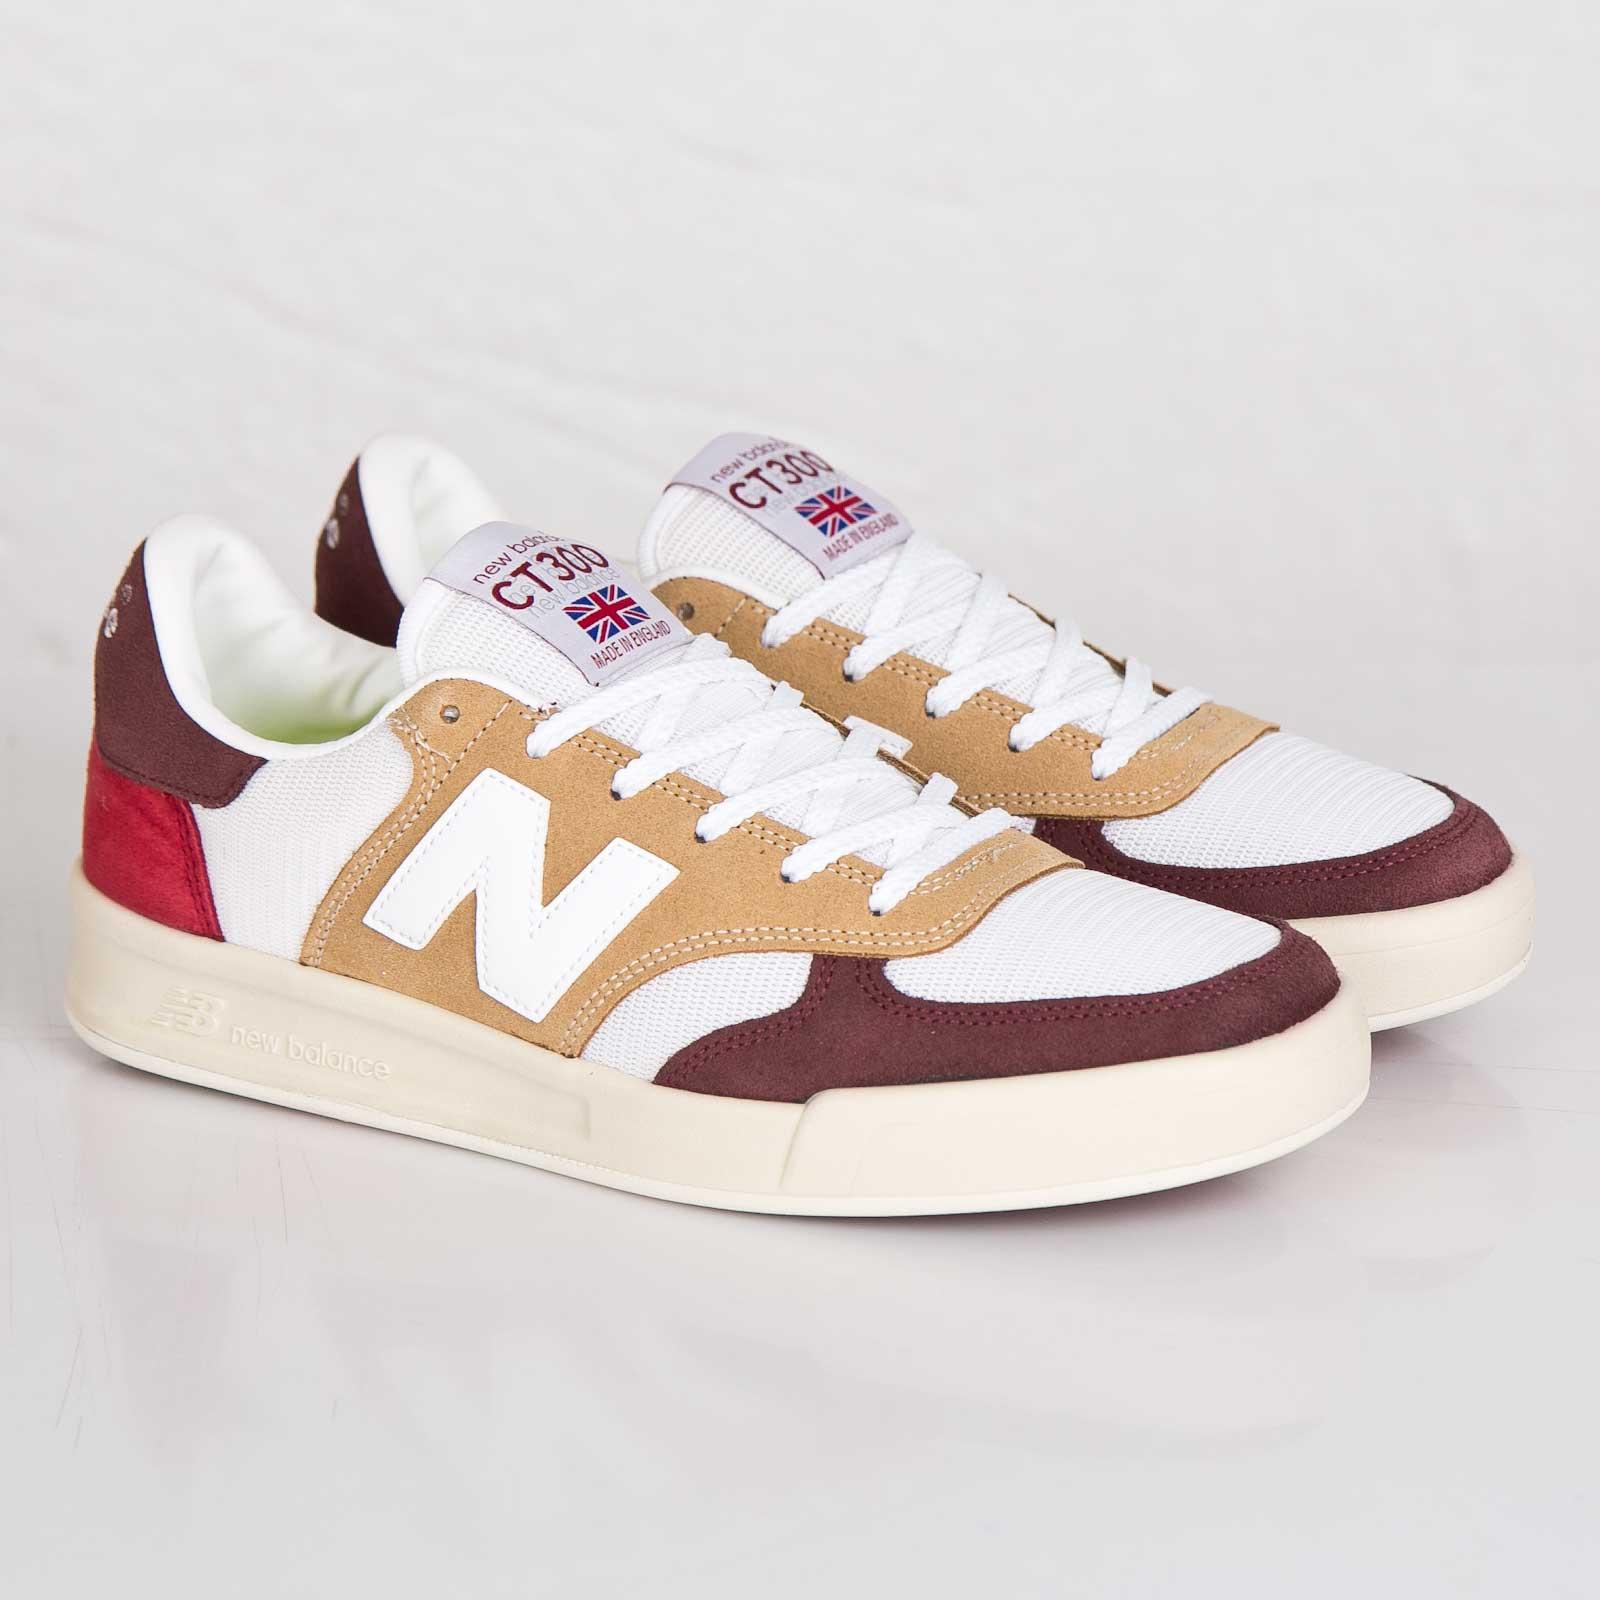 a8f89ff717a7 New Balance CT300 - Ct300pfi - Sneakersnstuff